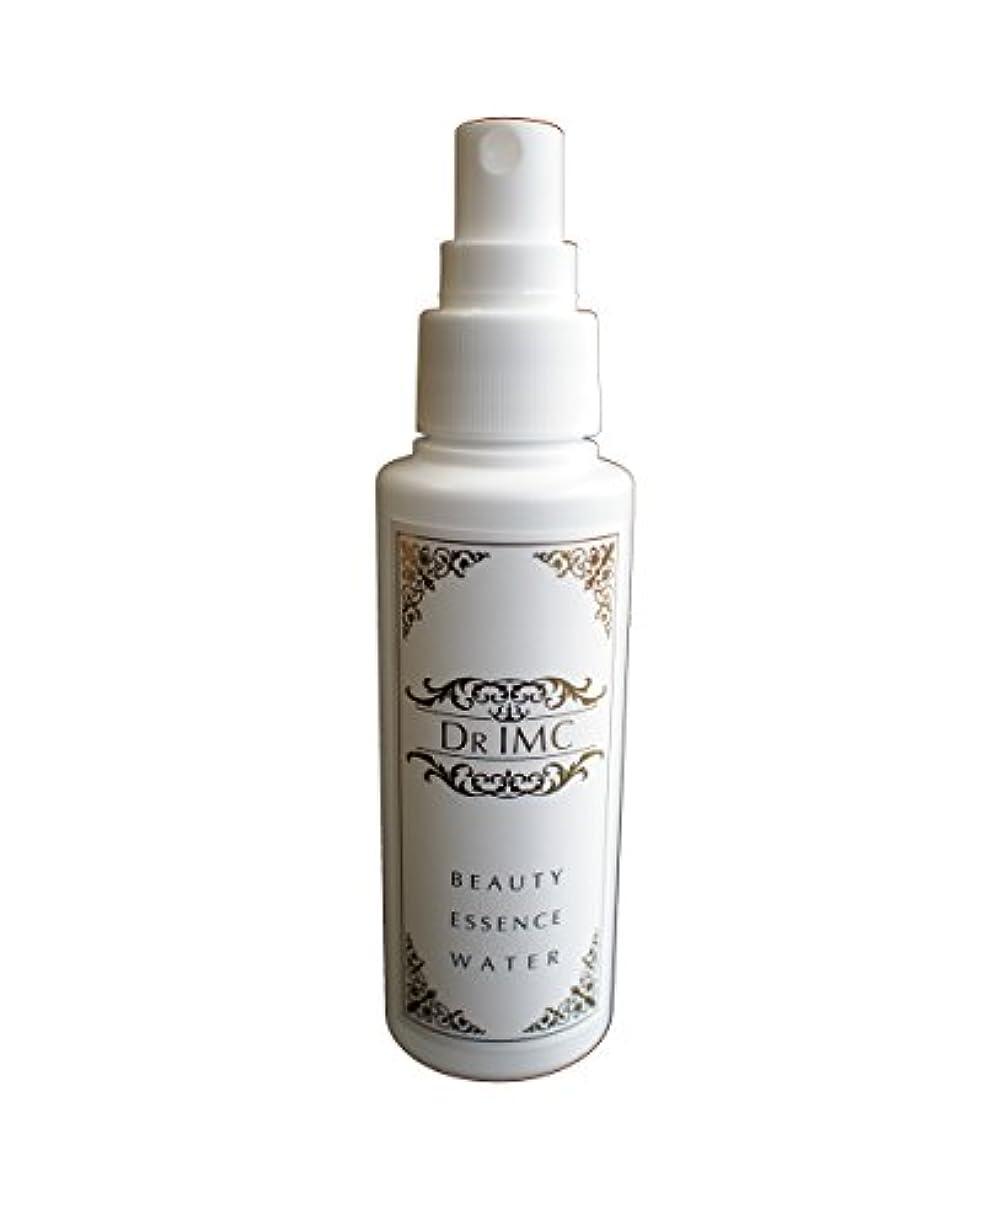 順応性のある添加剤立法IMC美容水 【 DR IMC 】 細胞膜と同じ構造を持ったAIPCコポリマーがお肌を守ります <効果は医学的に実証済み>